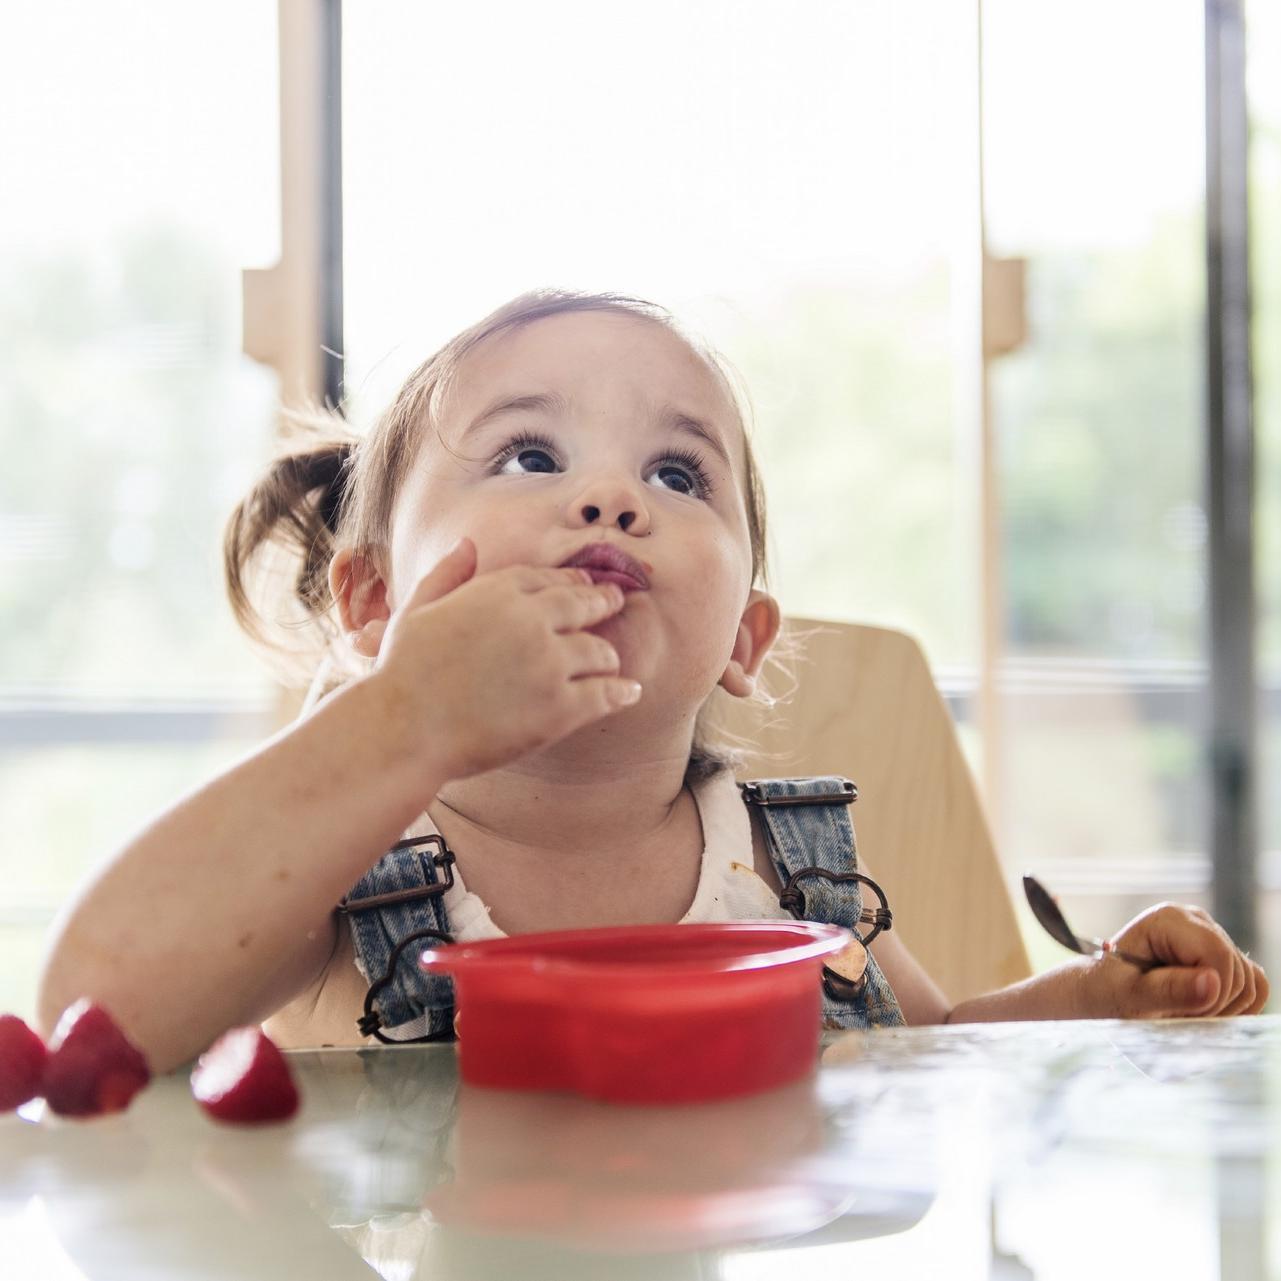 Obésité de l'enfant : comment la prévenir ?